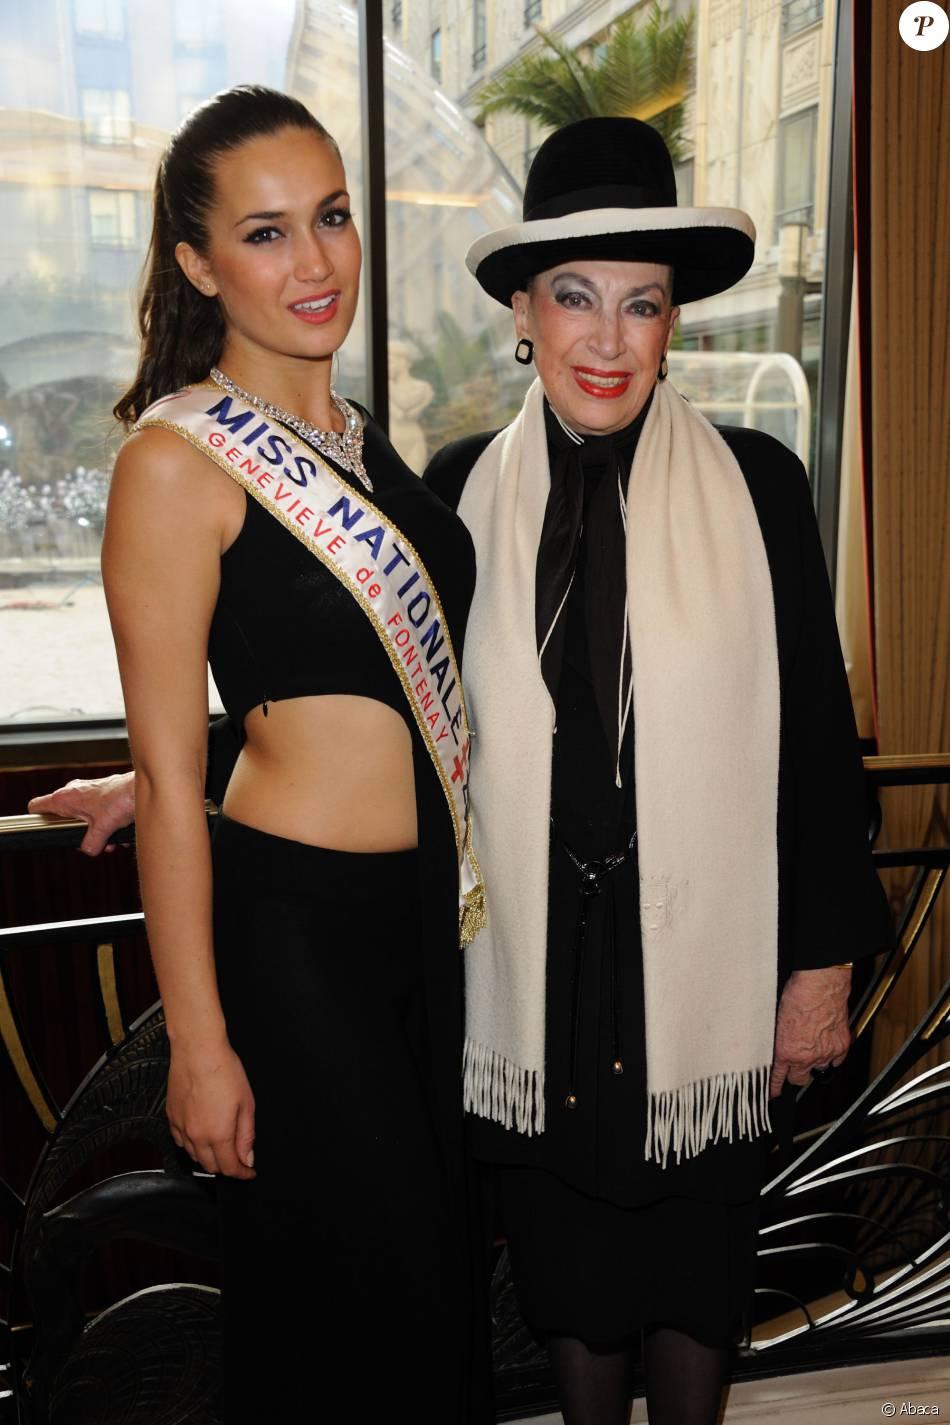 Barabra Morel, Miss Prestige National 2011 avec Geneviève de Fontenay à l'Hôtel Hilton Arc de Triomphe à Paris, le 26 novembre 2011